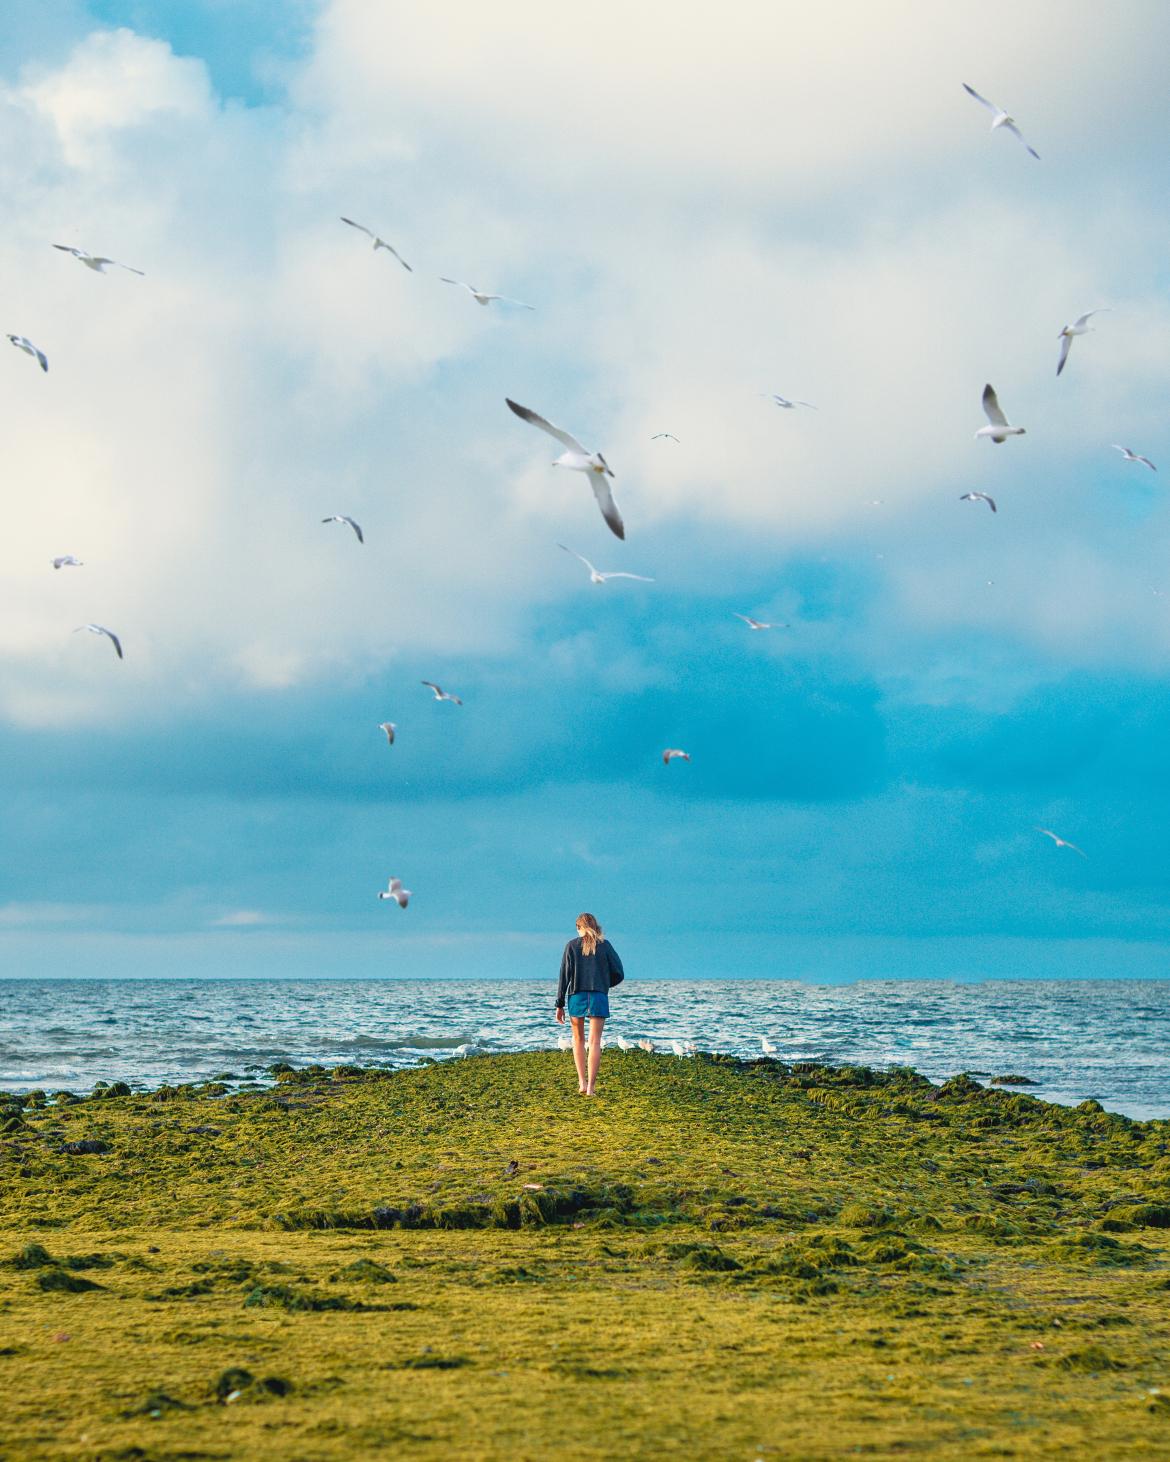 turismo vicino alla natura. Ragazza che cammina a piedi nudi su un prato vicino al mare